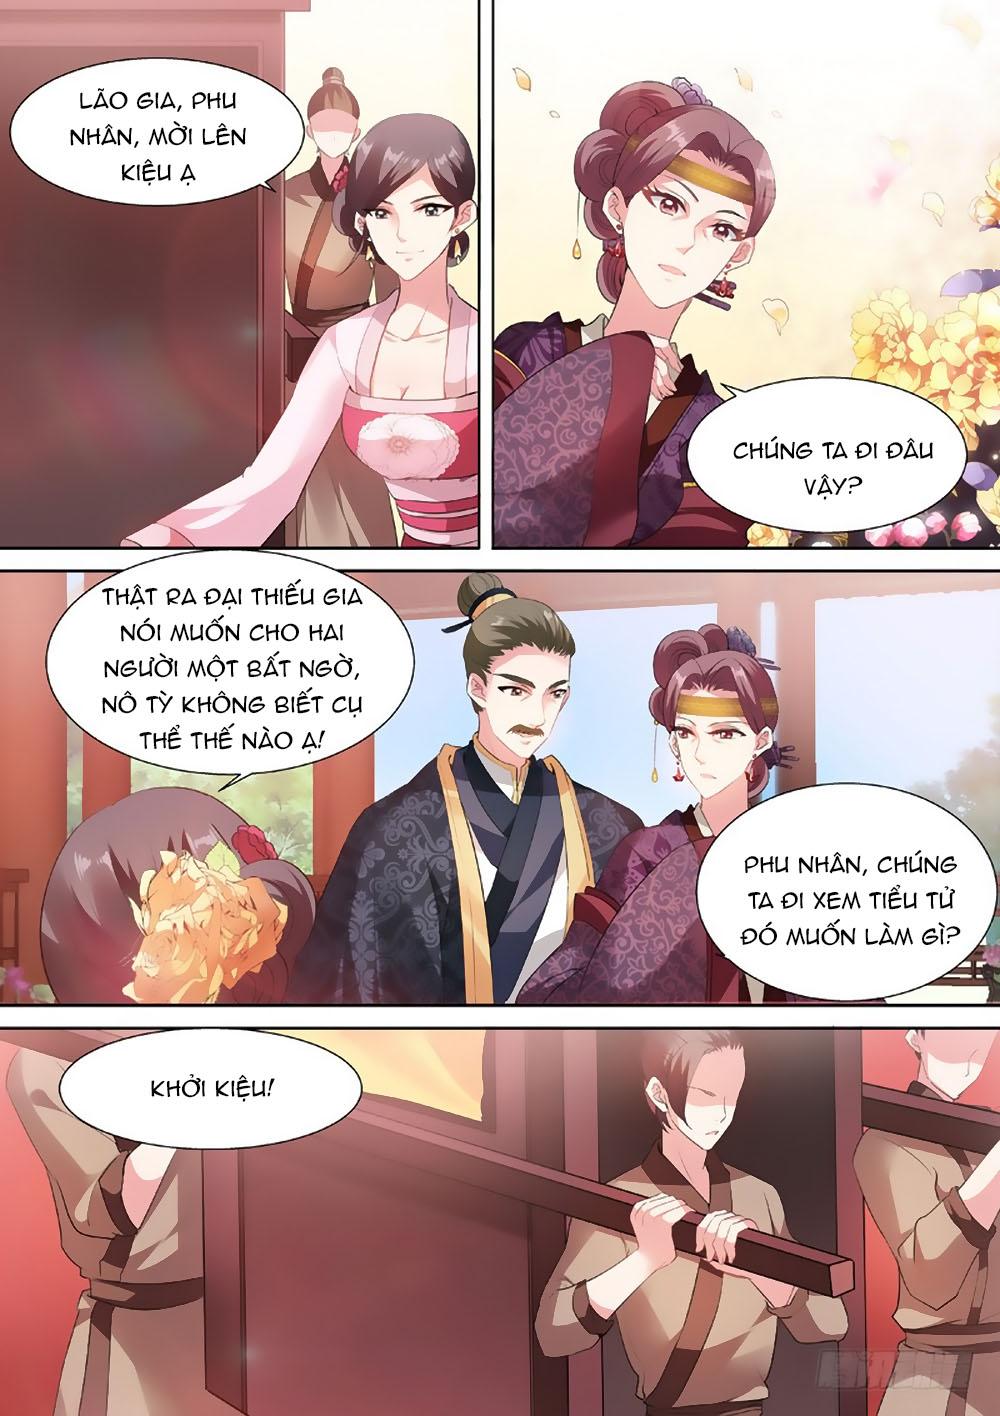 Hệ Thống Chế Tạo Nữ Thần chap 59 - Trang 4